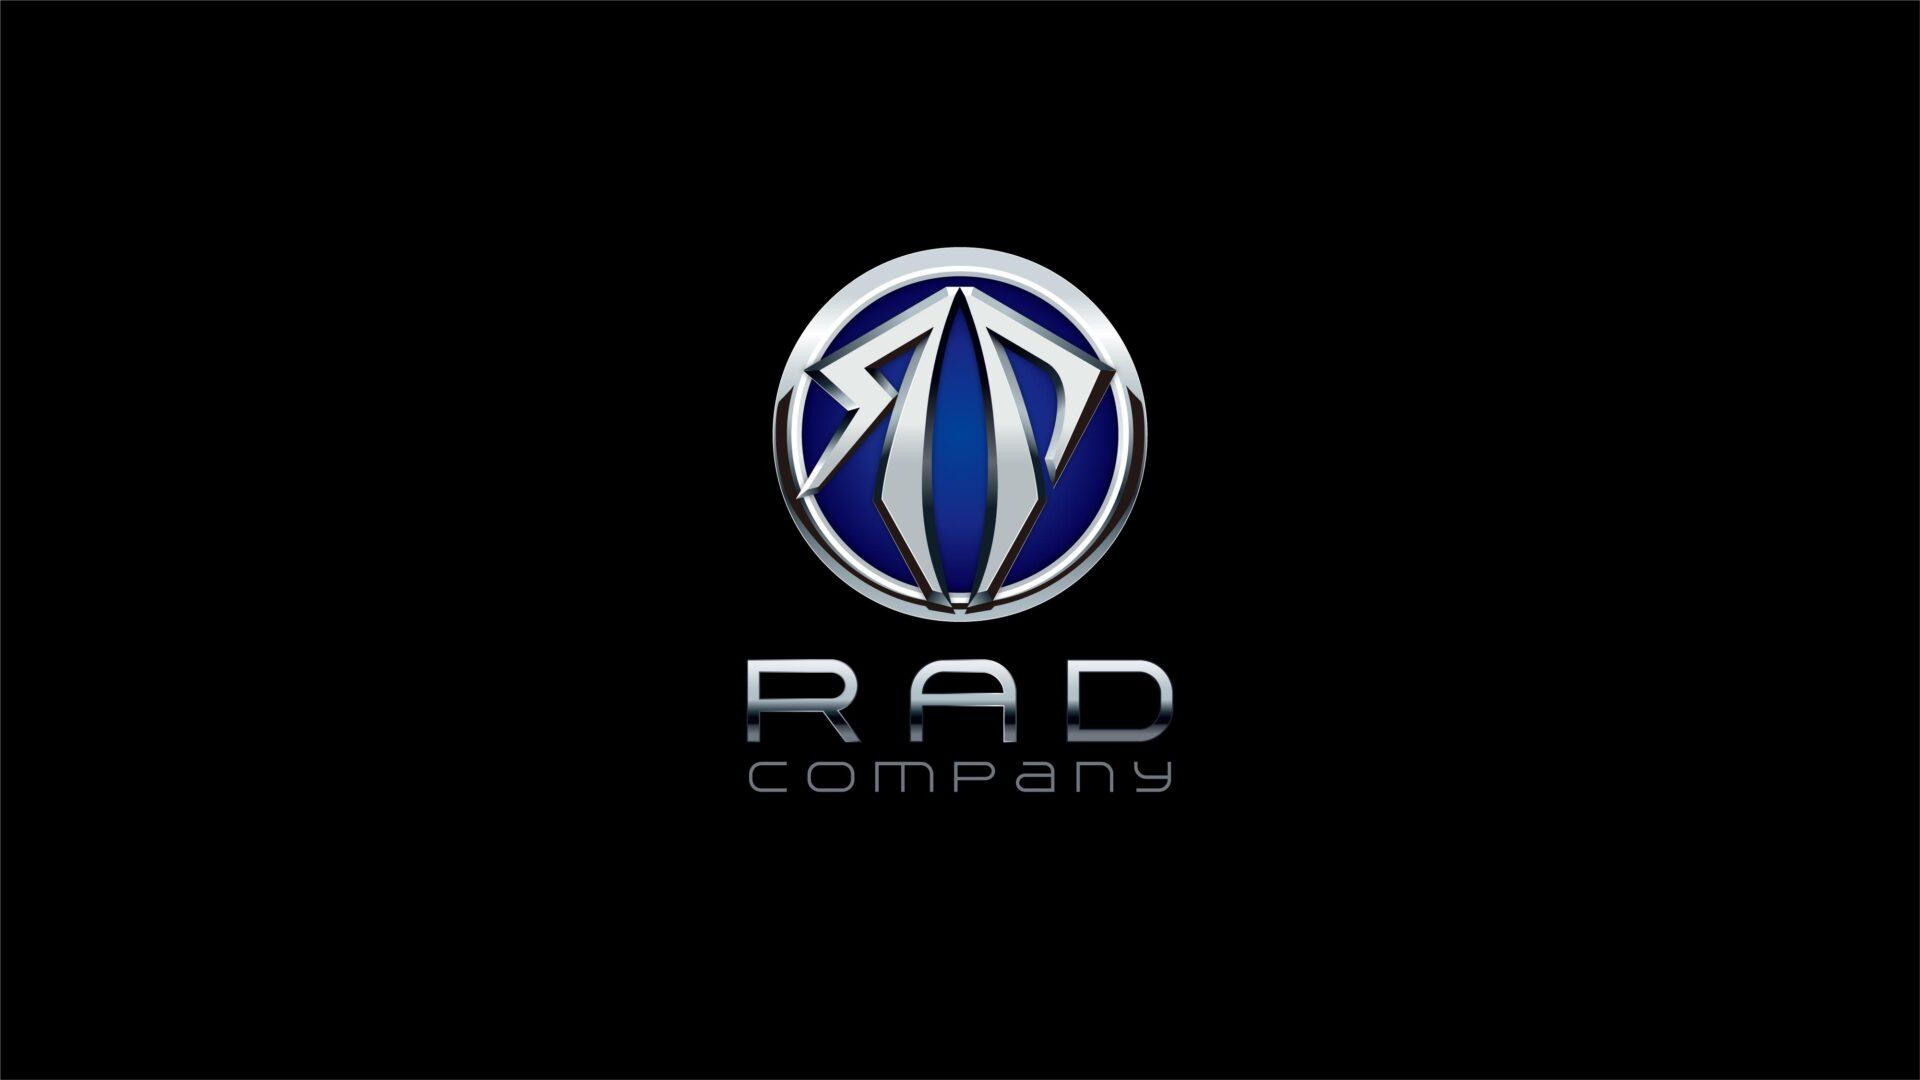 「RAD COMPANY」のサムネイル画像